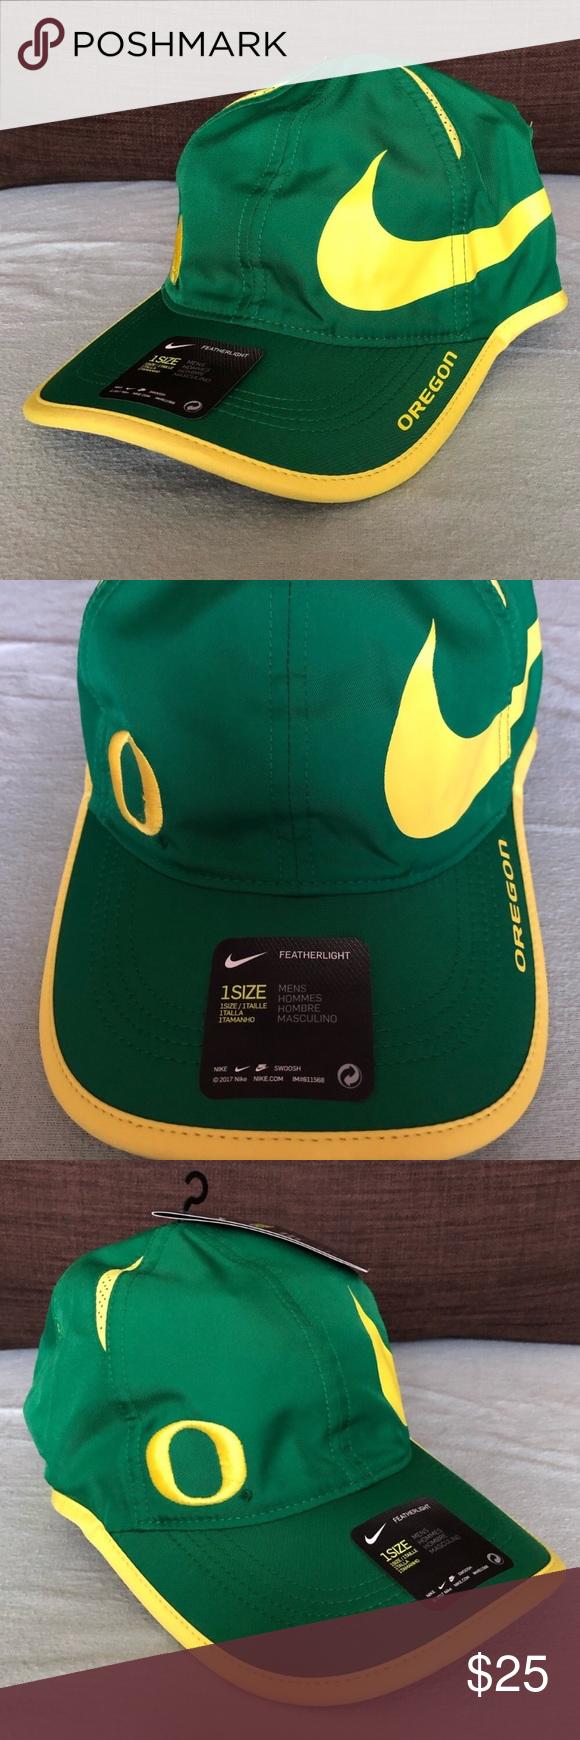 Oregon Ducks Ncaa Nike Dri Fit Adjustable Hat Nike Accessories Nike Dri Fit Adjustable Hat